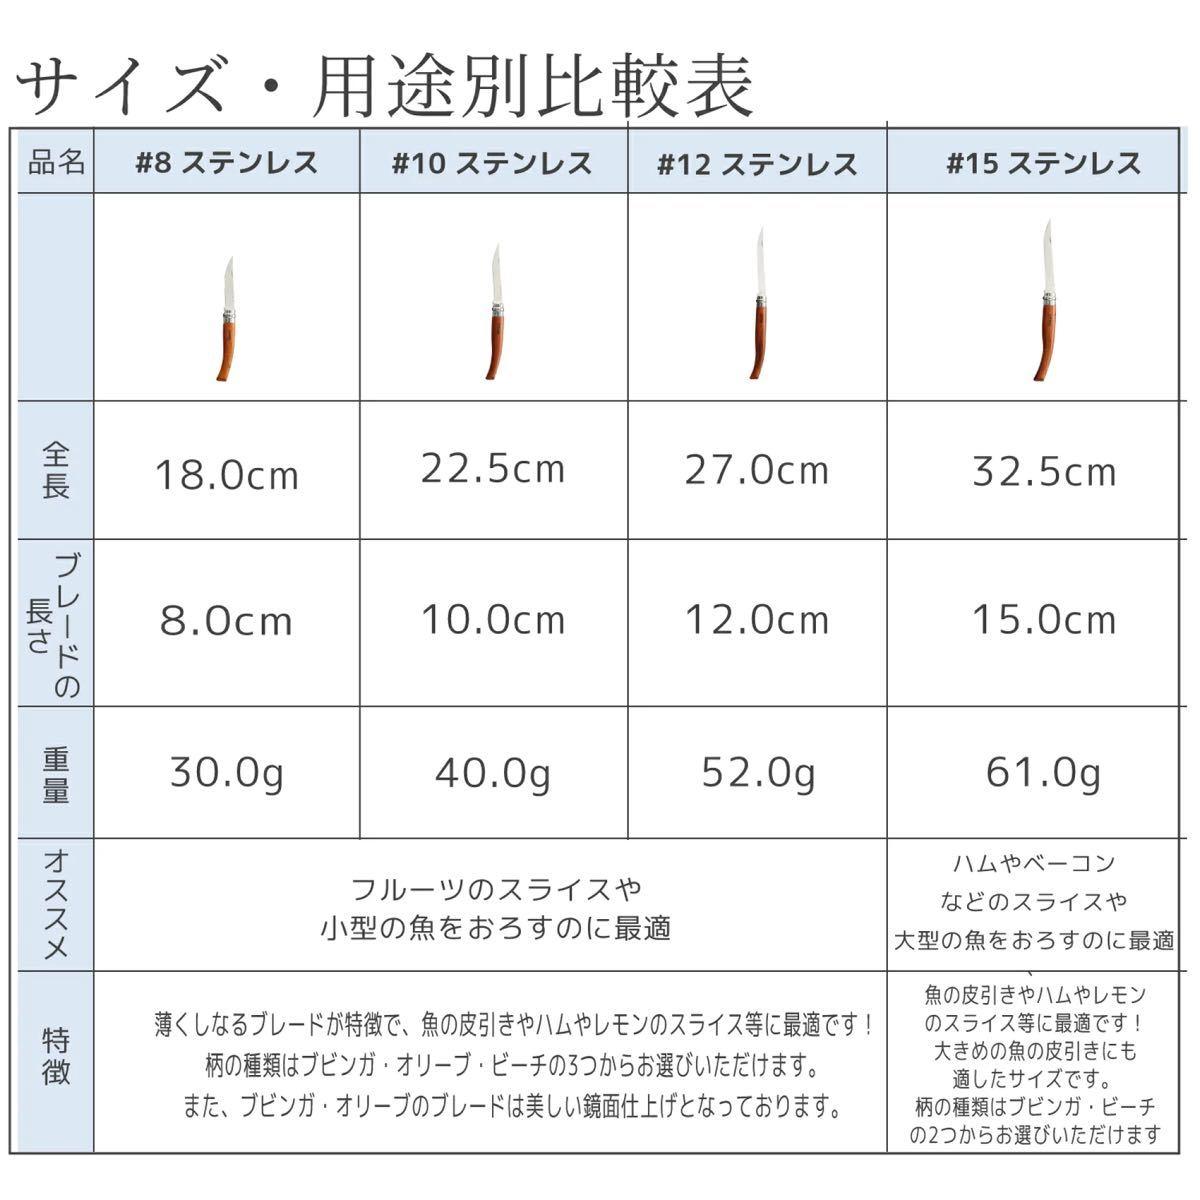 オピネル スリムナイフ ブビンガ #10 10cm  新品 ソロキャンプ OPINEL